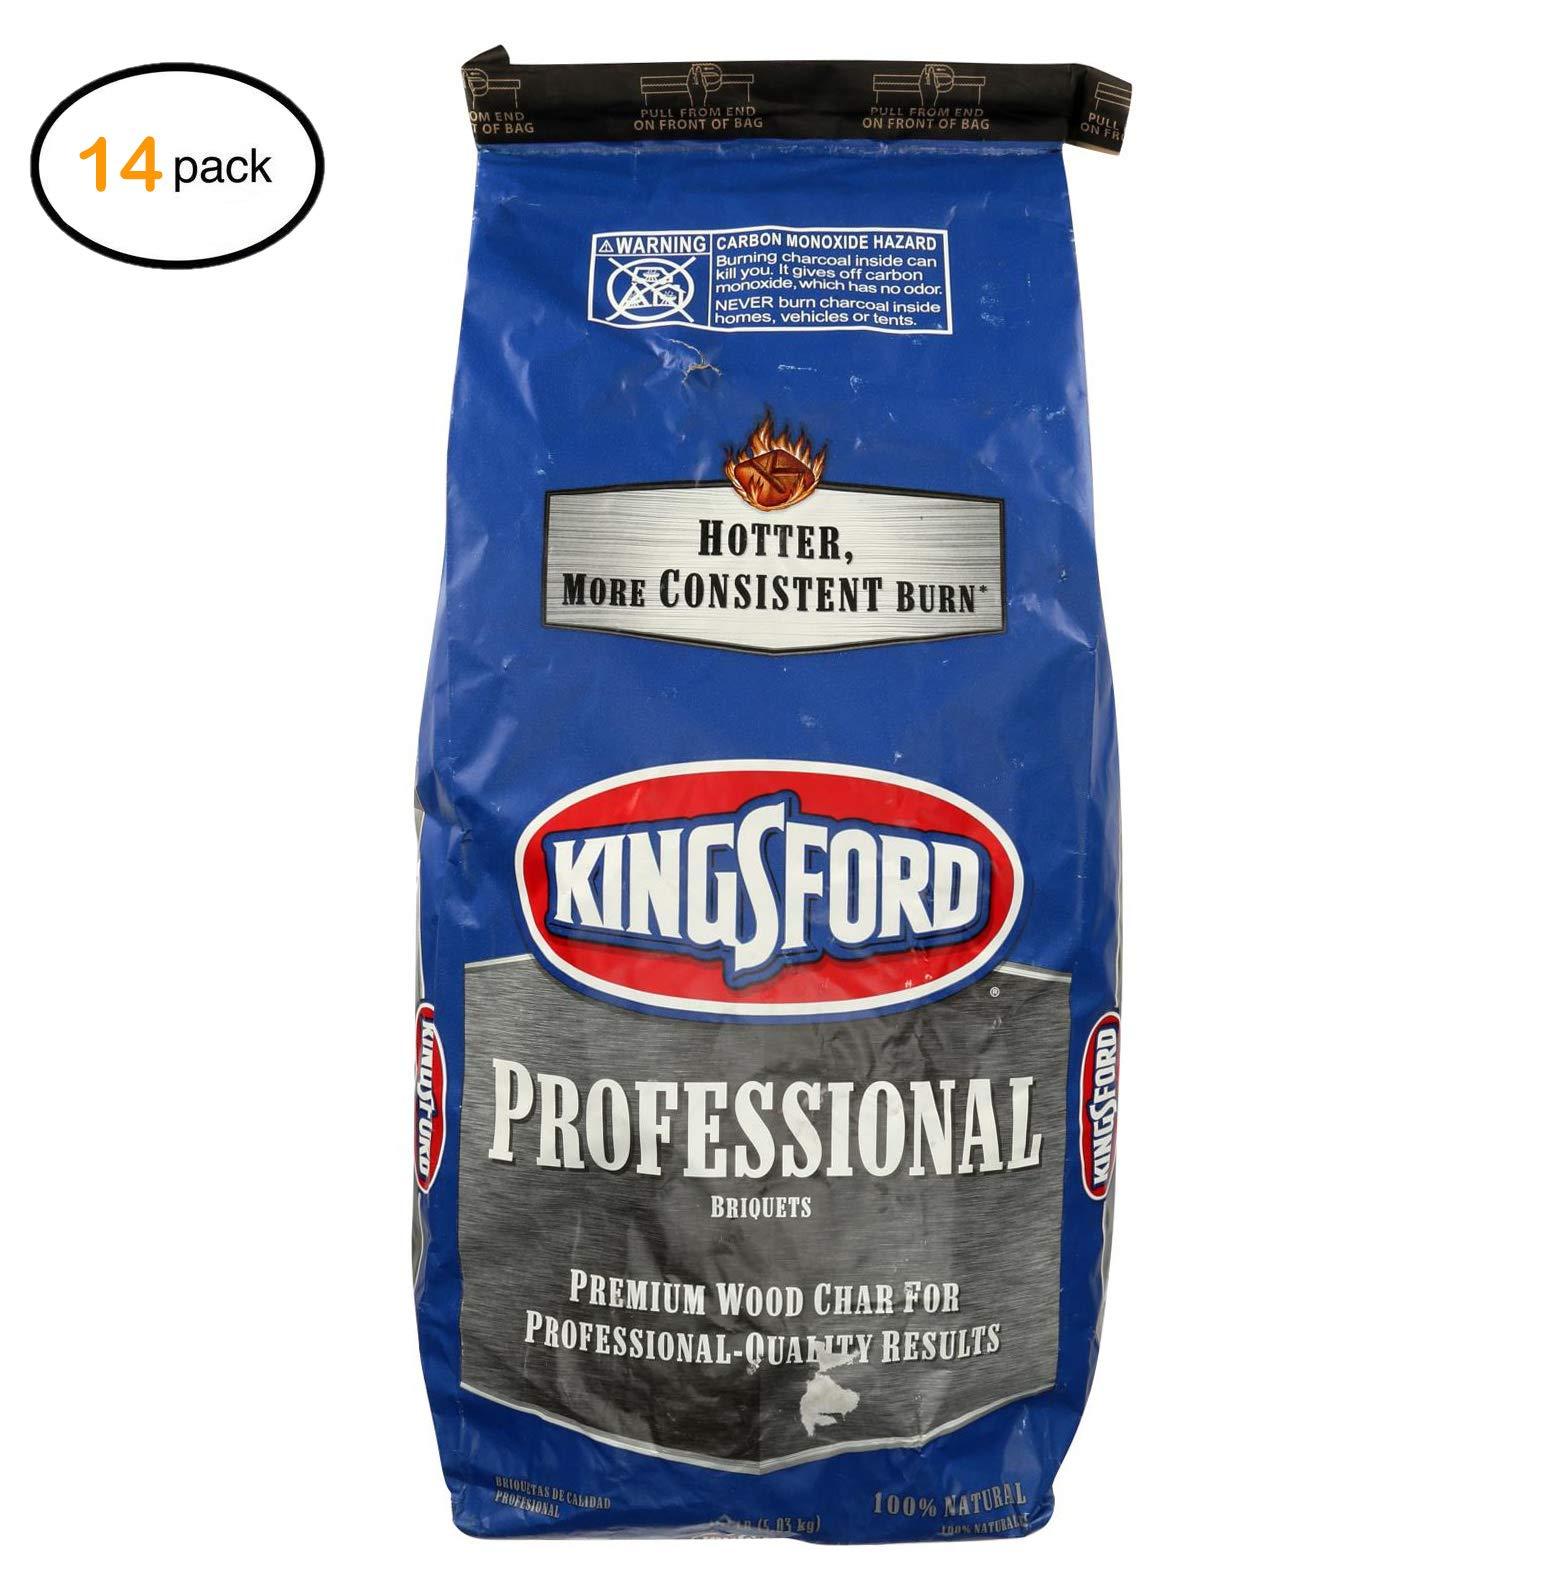 Kingsfоrd Prоfеssiоnal Briquеts - 11.1 lb.